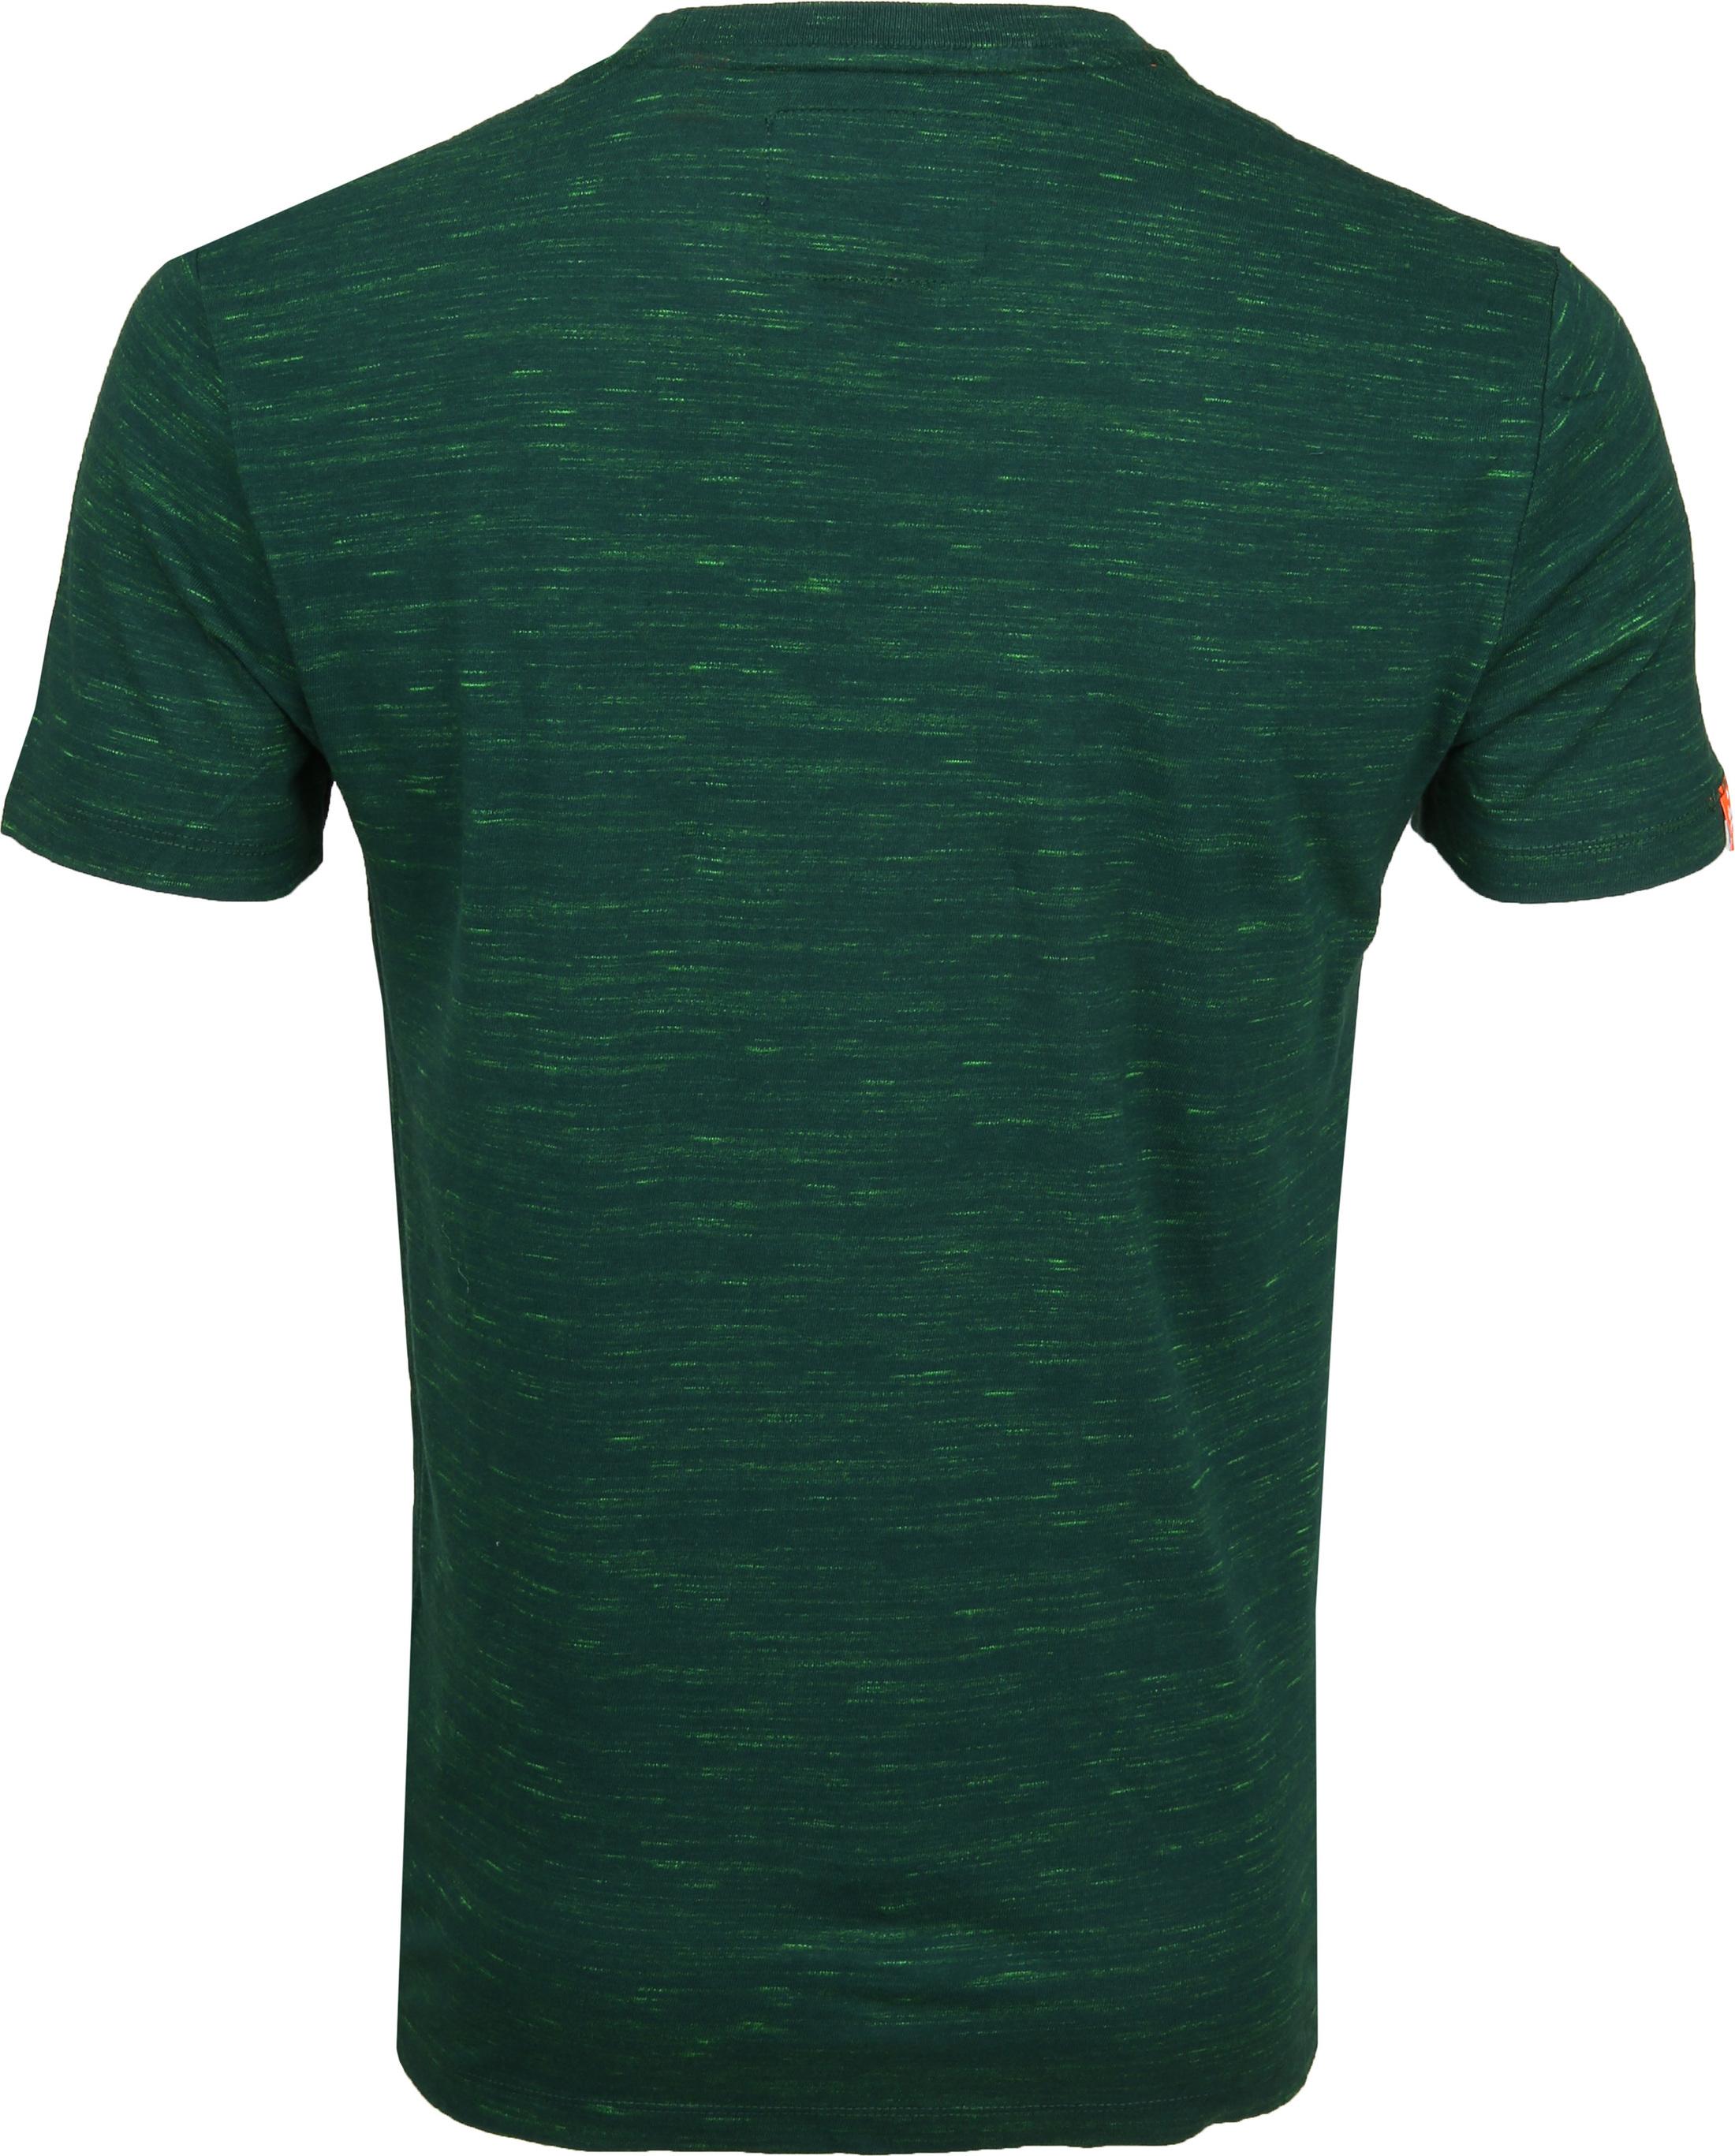 Superdry T-Shirt Melange Green foto 2